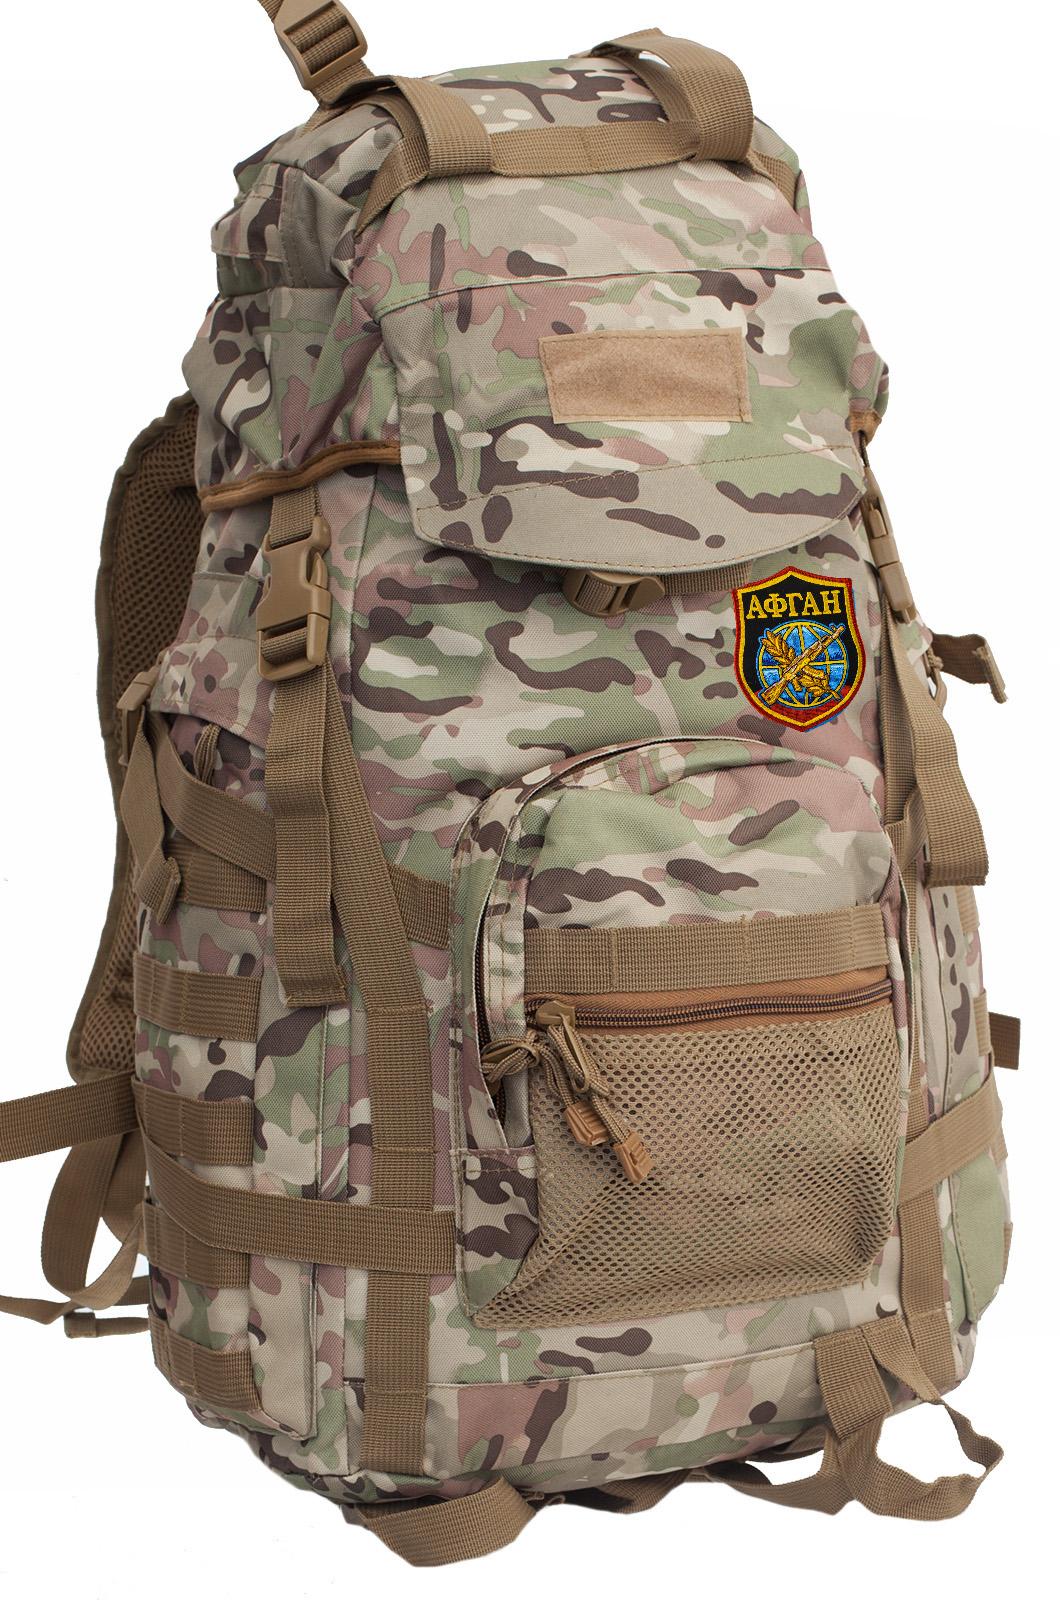 Рейдовый камуфляжный рюкзак с нашивкой Афган - заказать в розницу